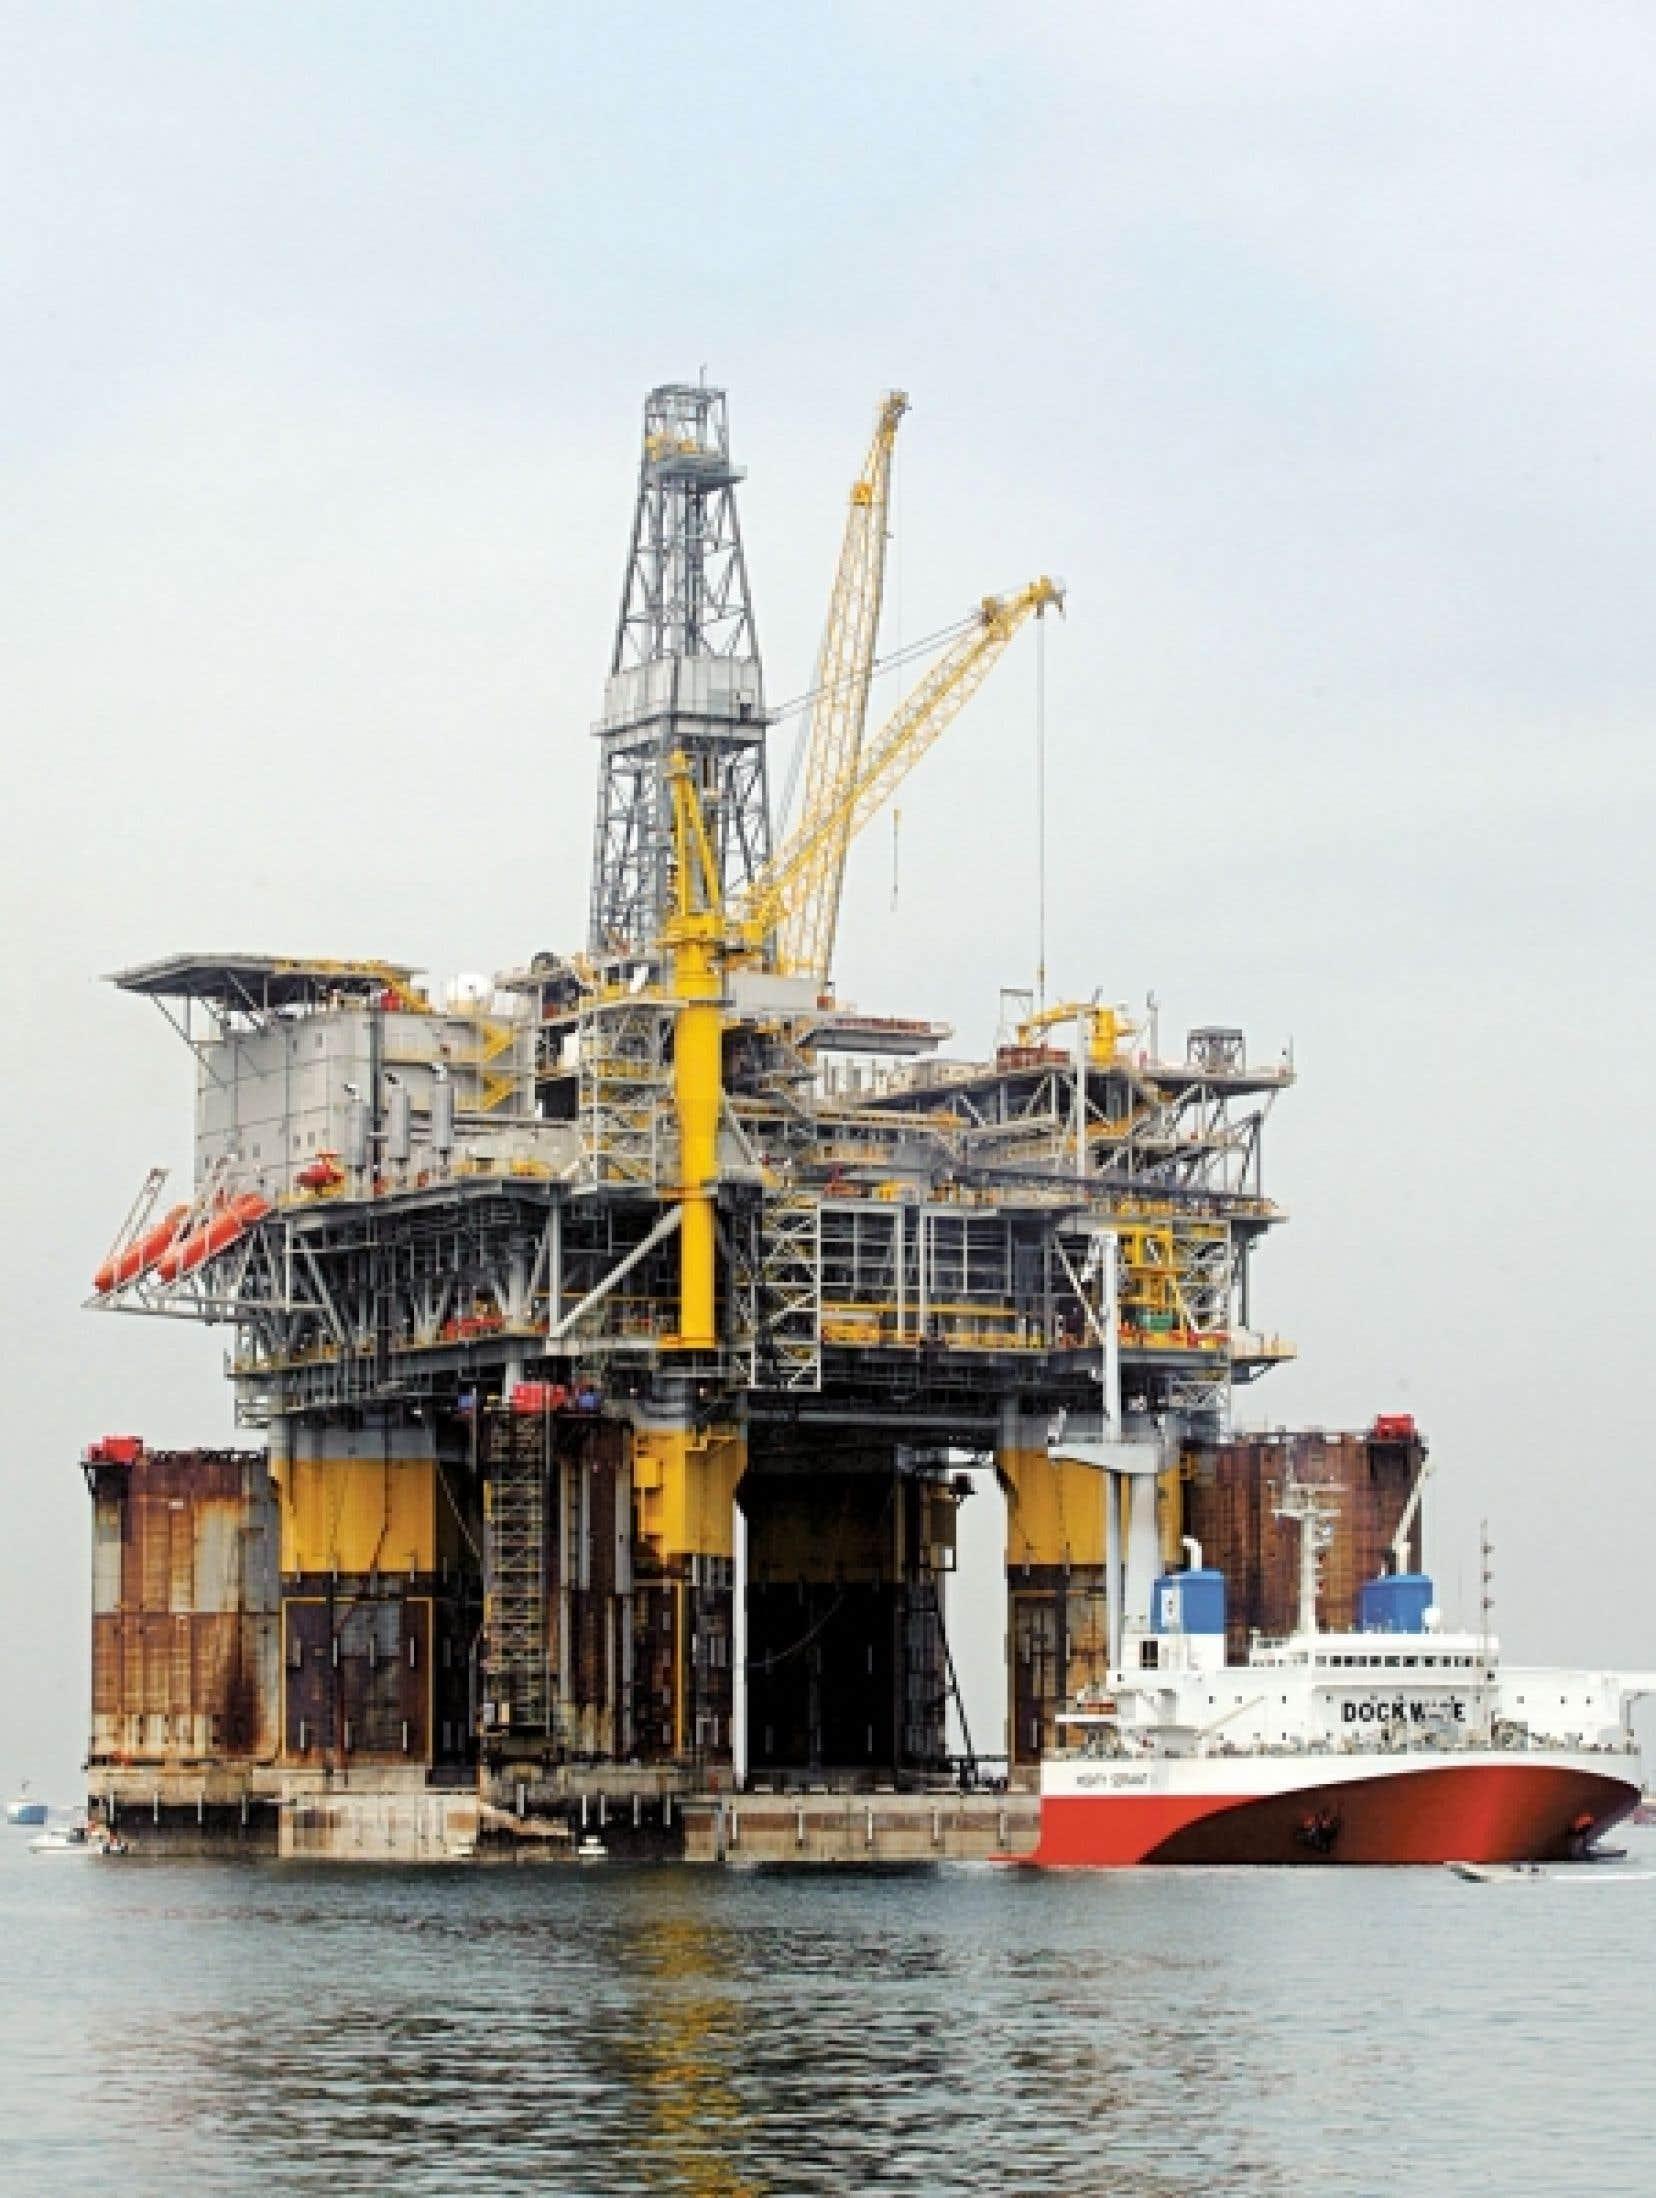 La Nouvelle-Écosse a investi 15 millions afin d'attirer l'industrie pétrolière, espérant voir un jour des plateformes de forage au large de ses côtes.